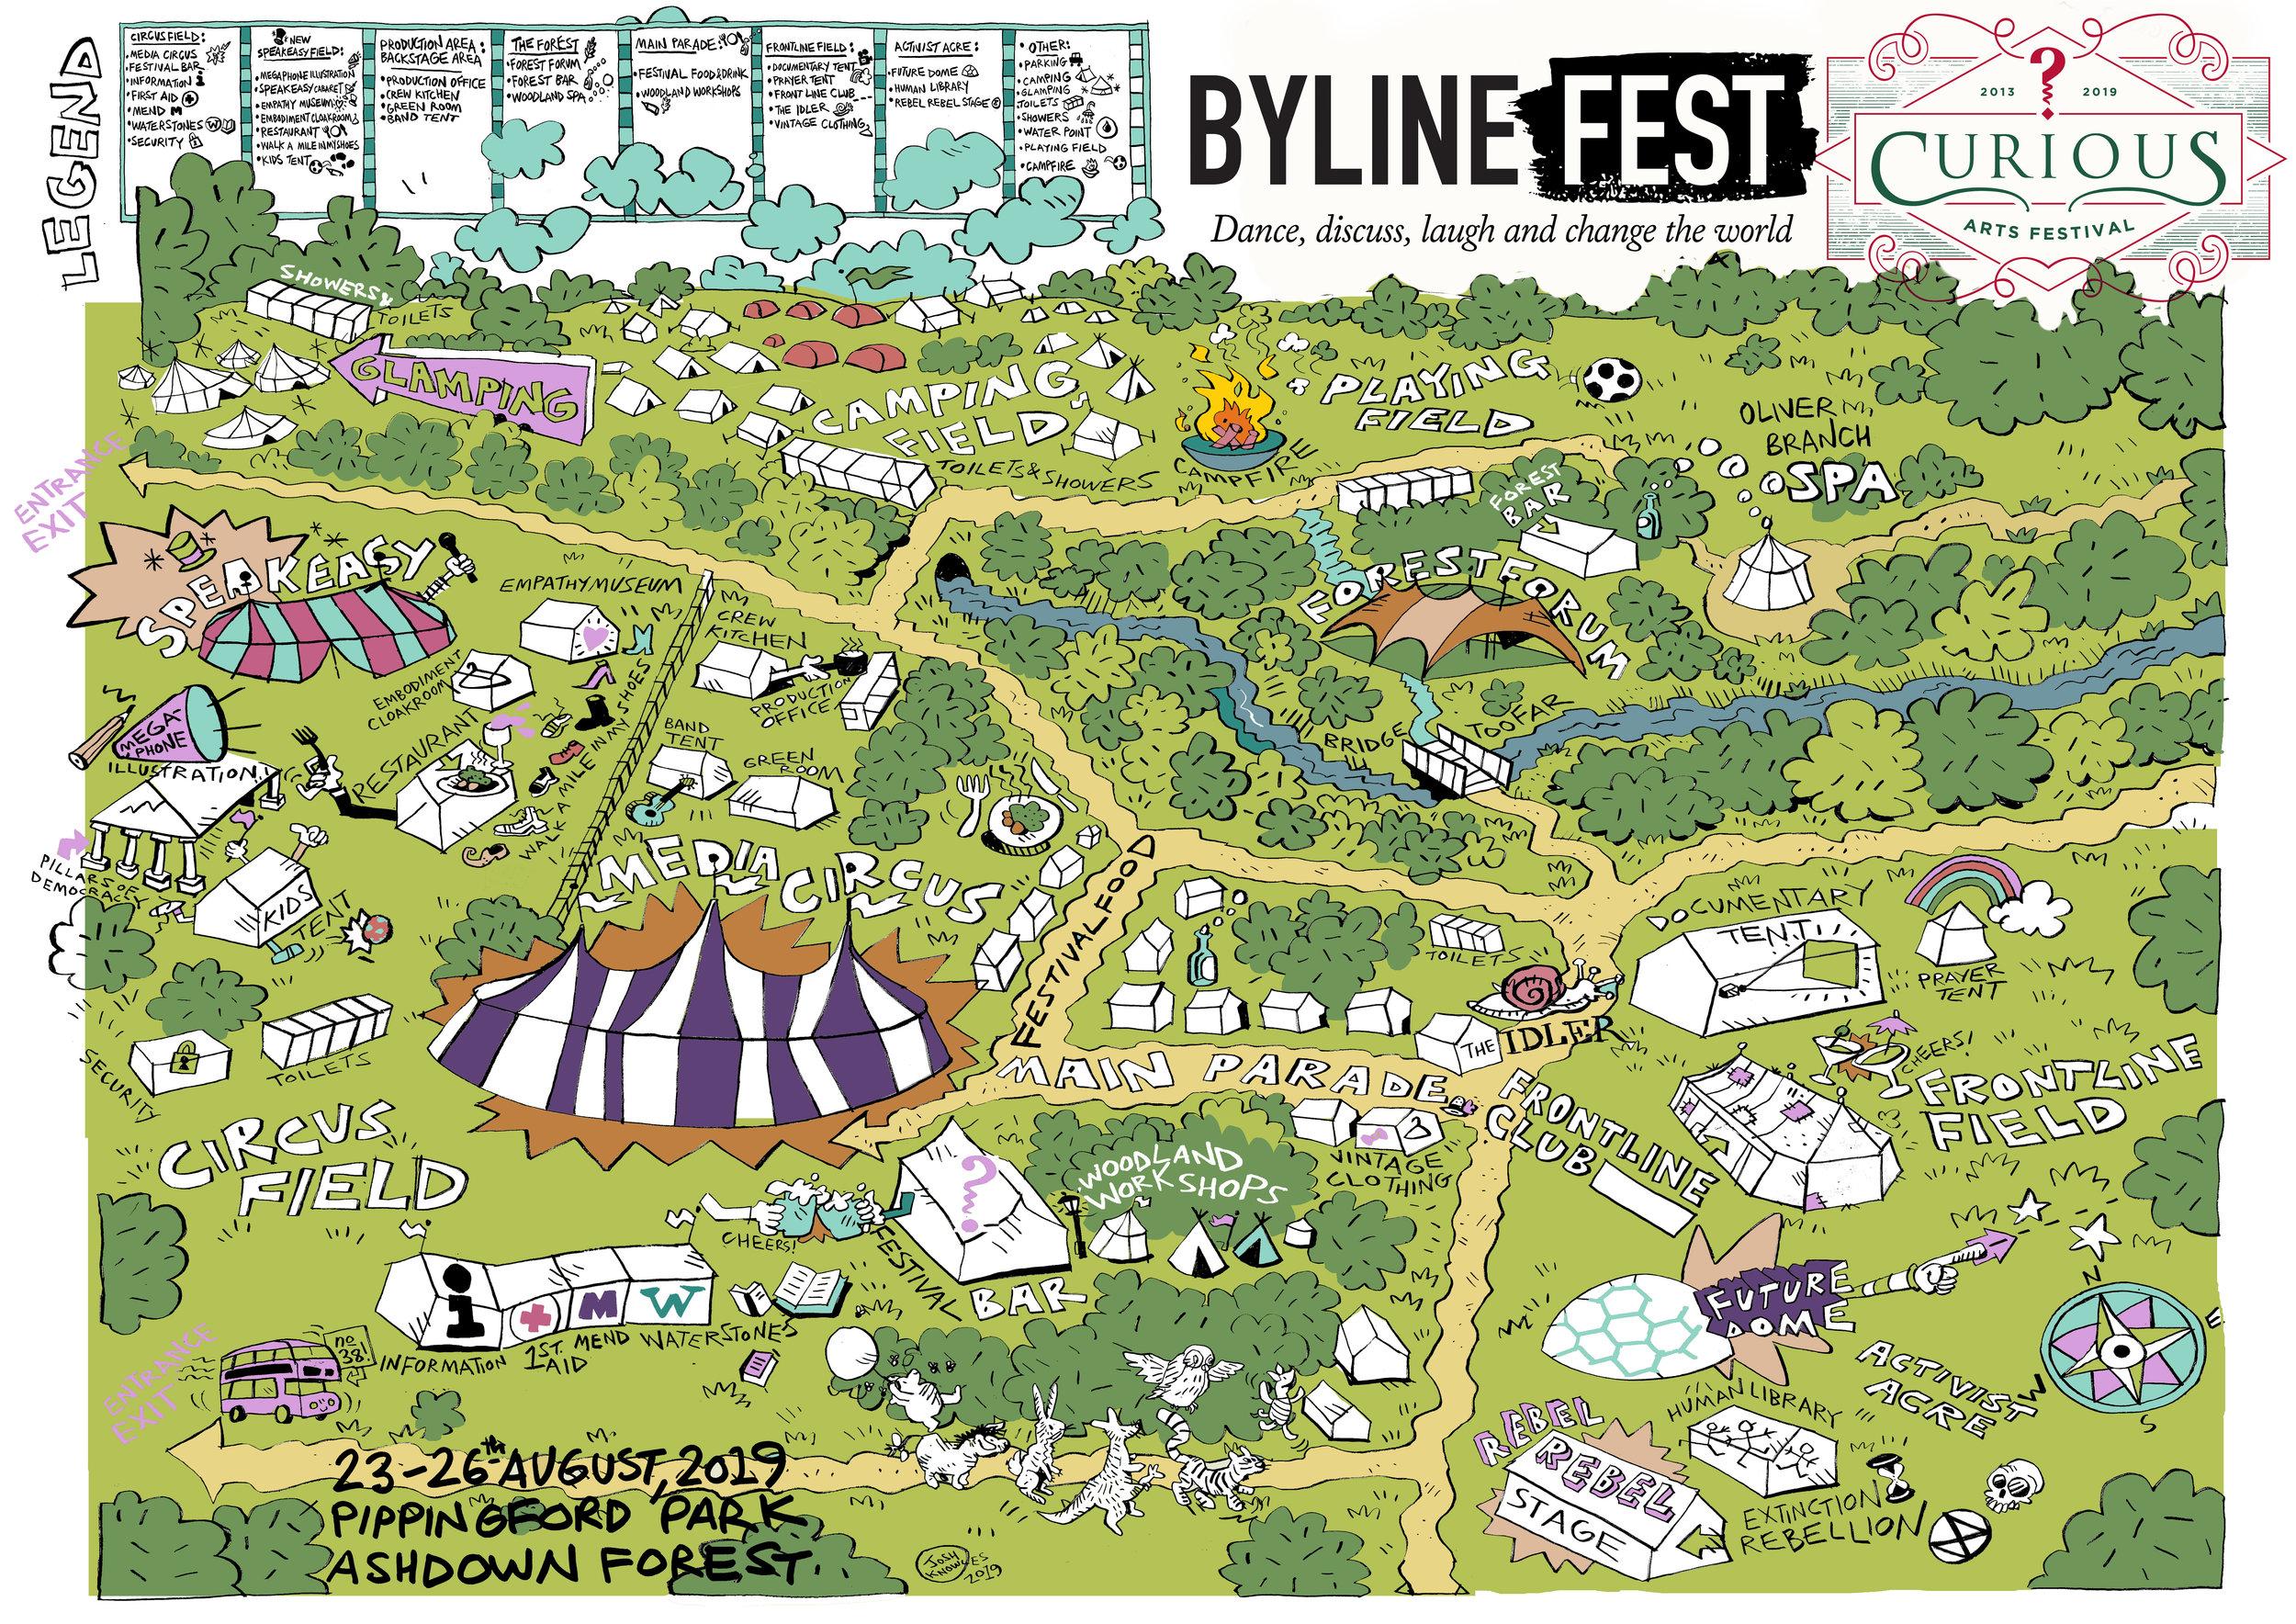 BylineFest 19 Map.jpg